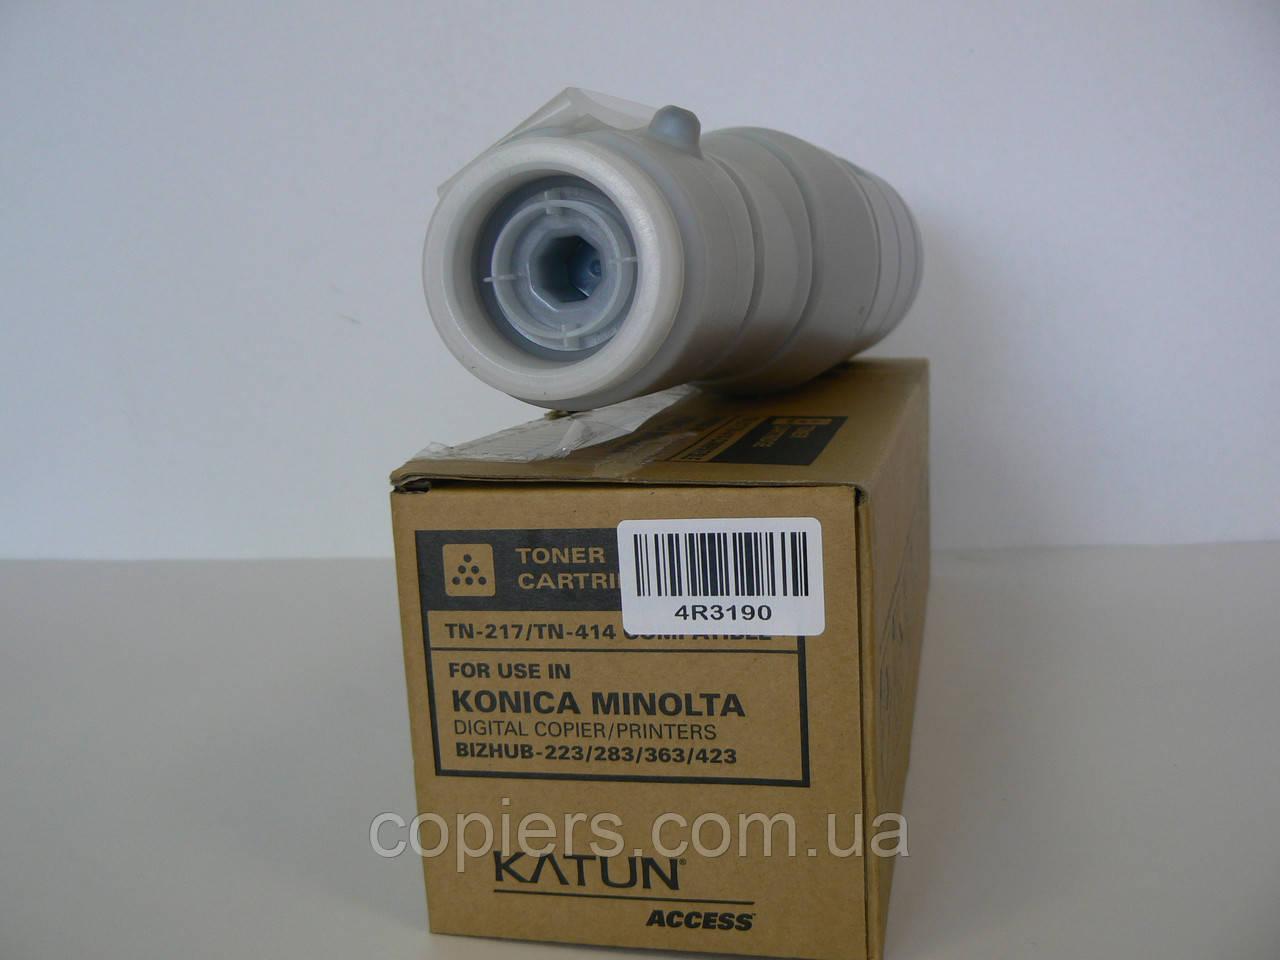 Тонер картридж TN217 tn414 Konica Minolta Bizhub 283/223 Katun, tn-217/414 47903